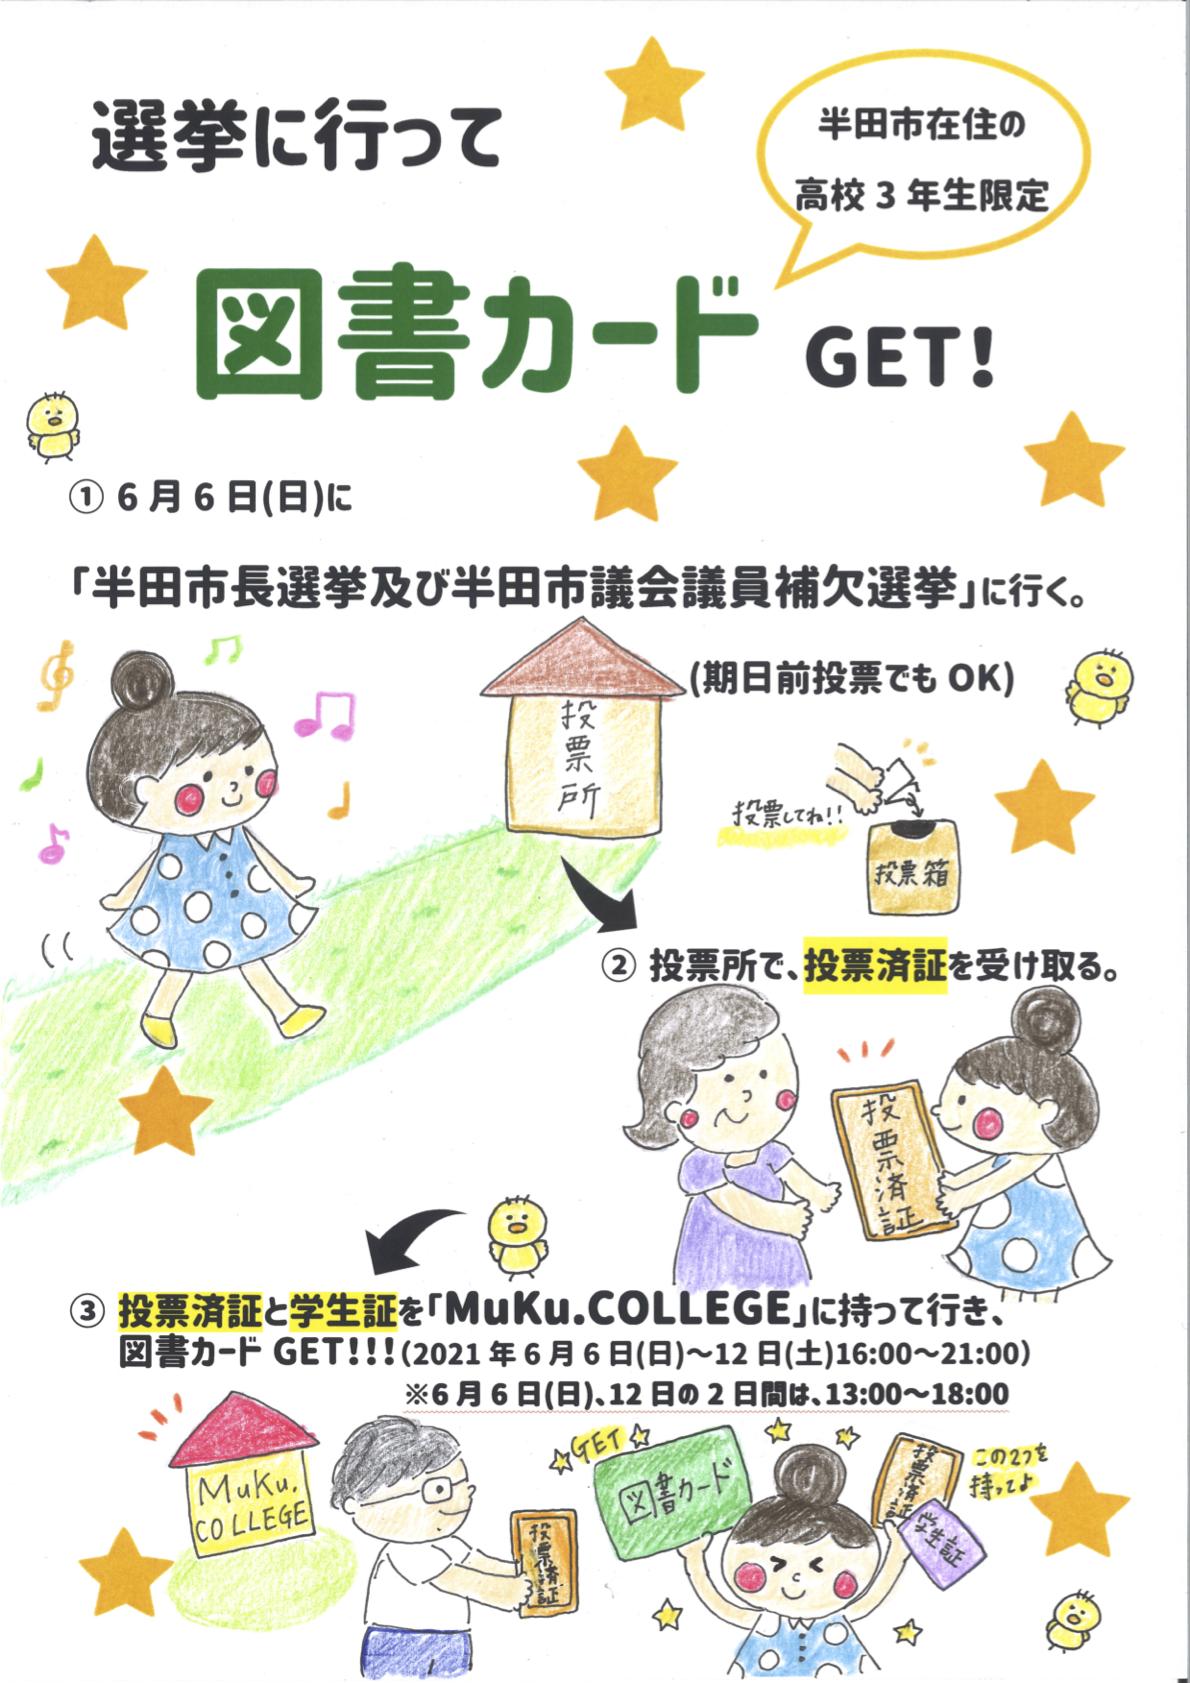 選挙に行って図書カードGET!